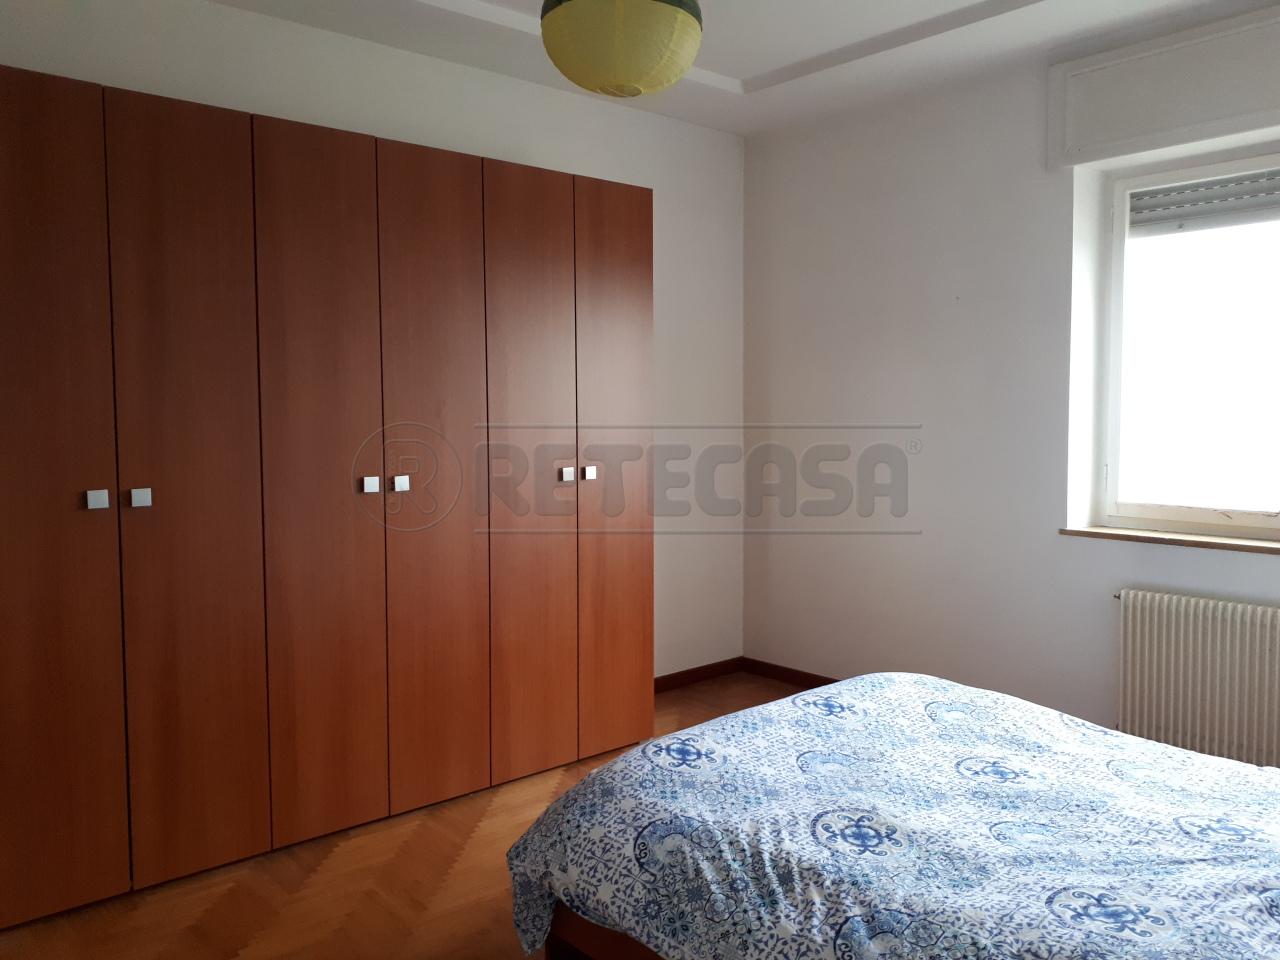 stanza affitto vicenza di metri quadrati 16 prezzo 310 rif gt milano4